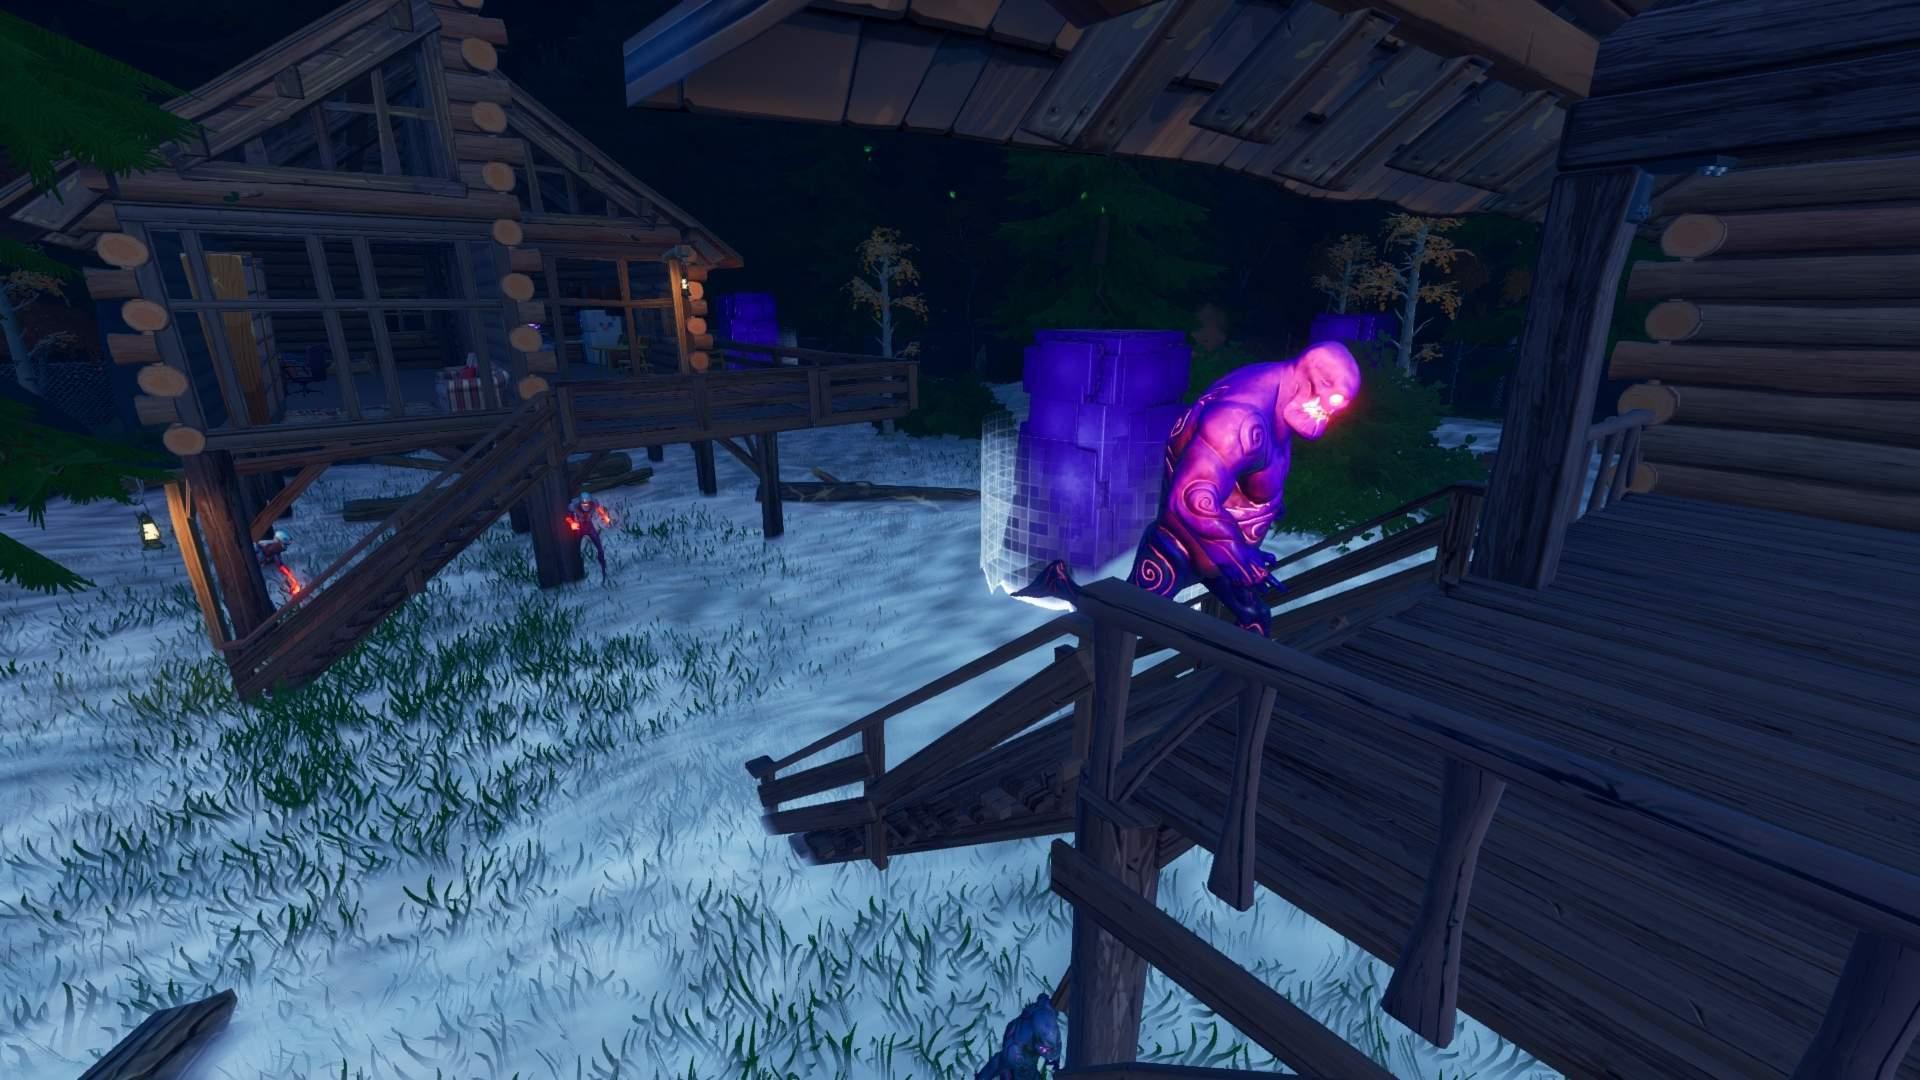 Bunny Hop Fortnite Code Bunny Hop 20 Escape Rooms Fortnite Creative Map Codes Dropnite Com